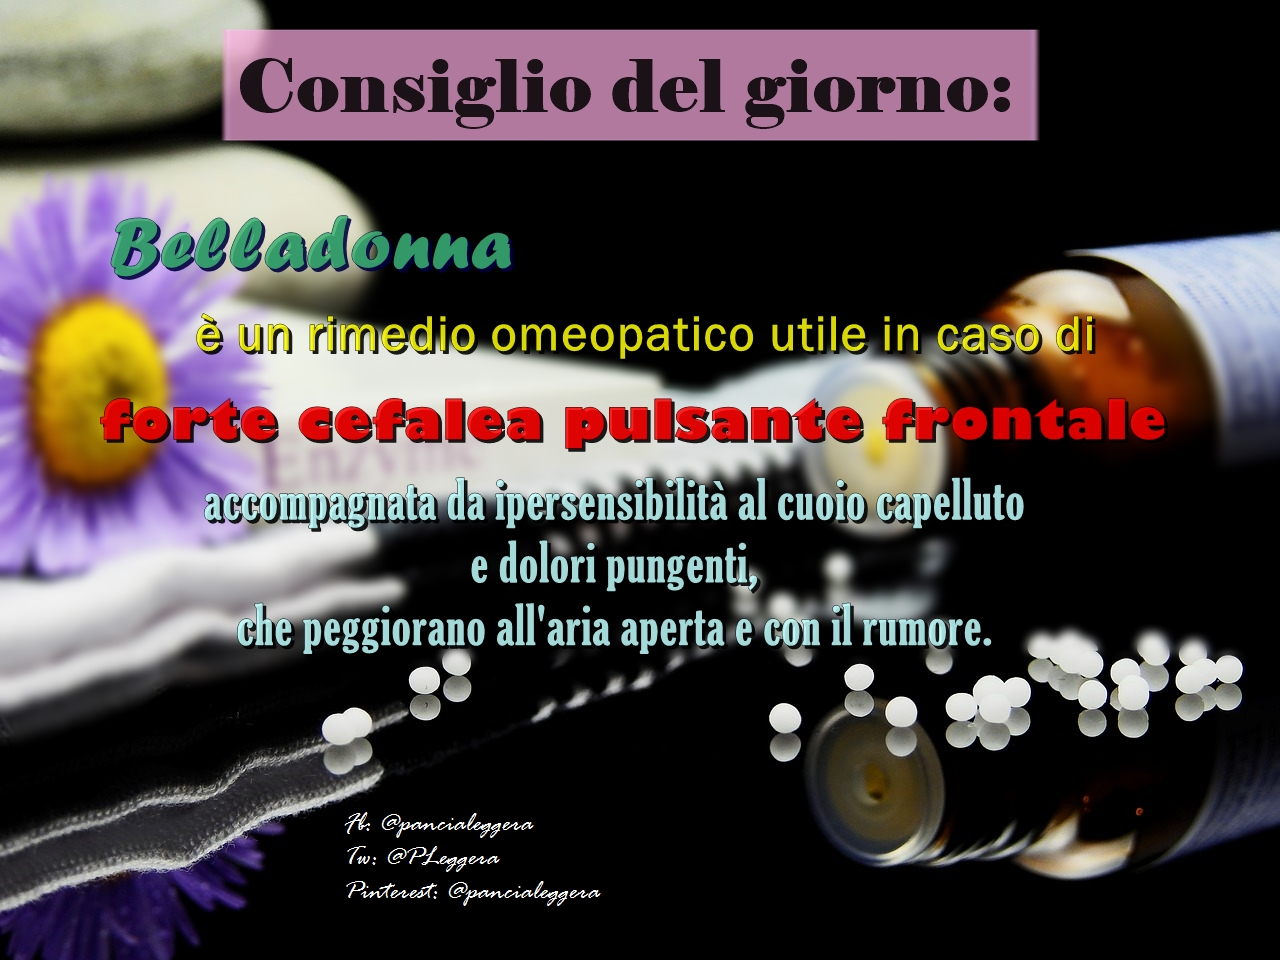 09mag17-Consiglio